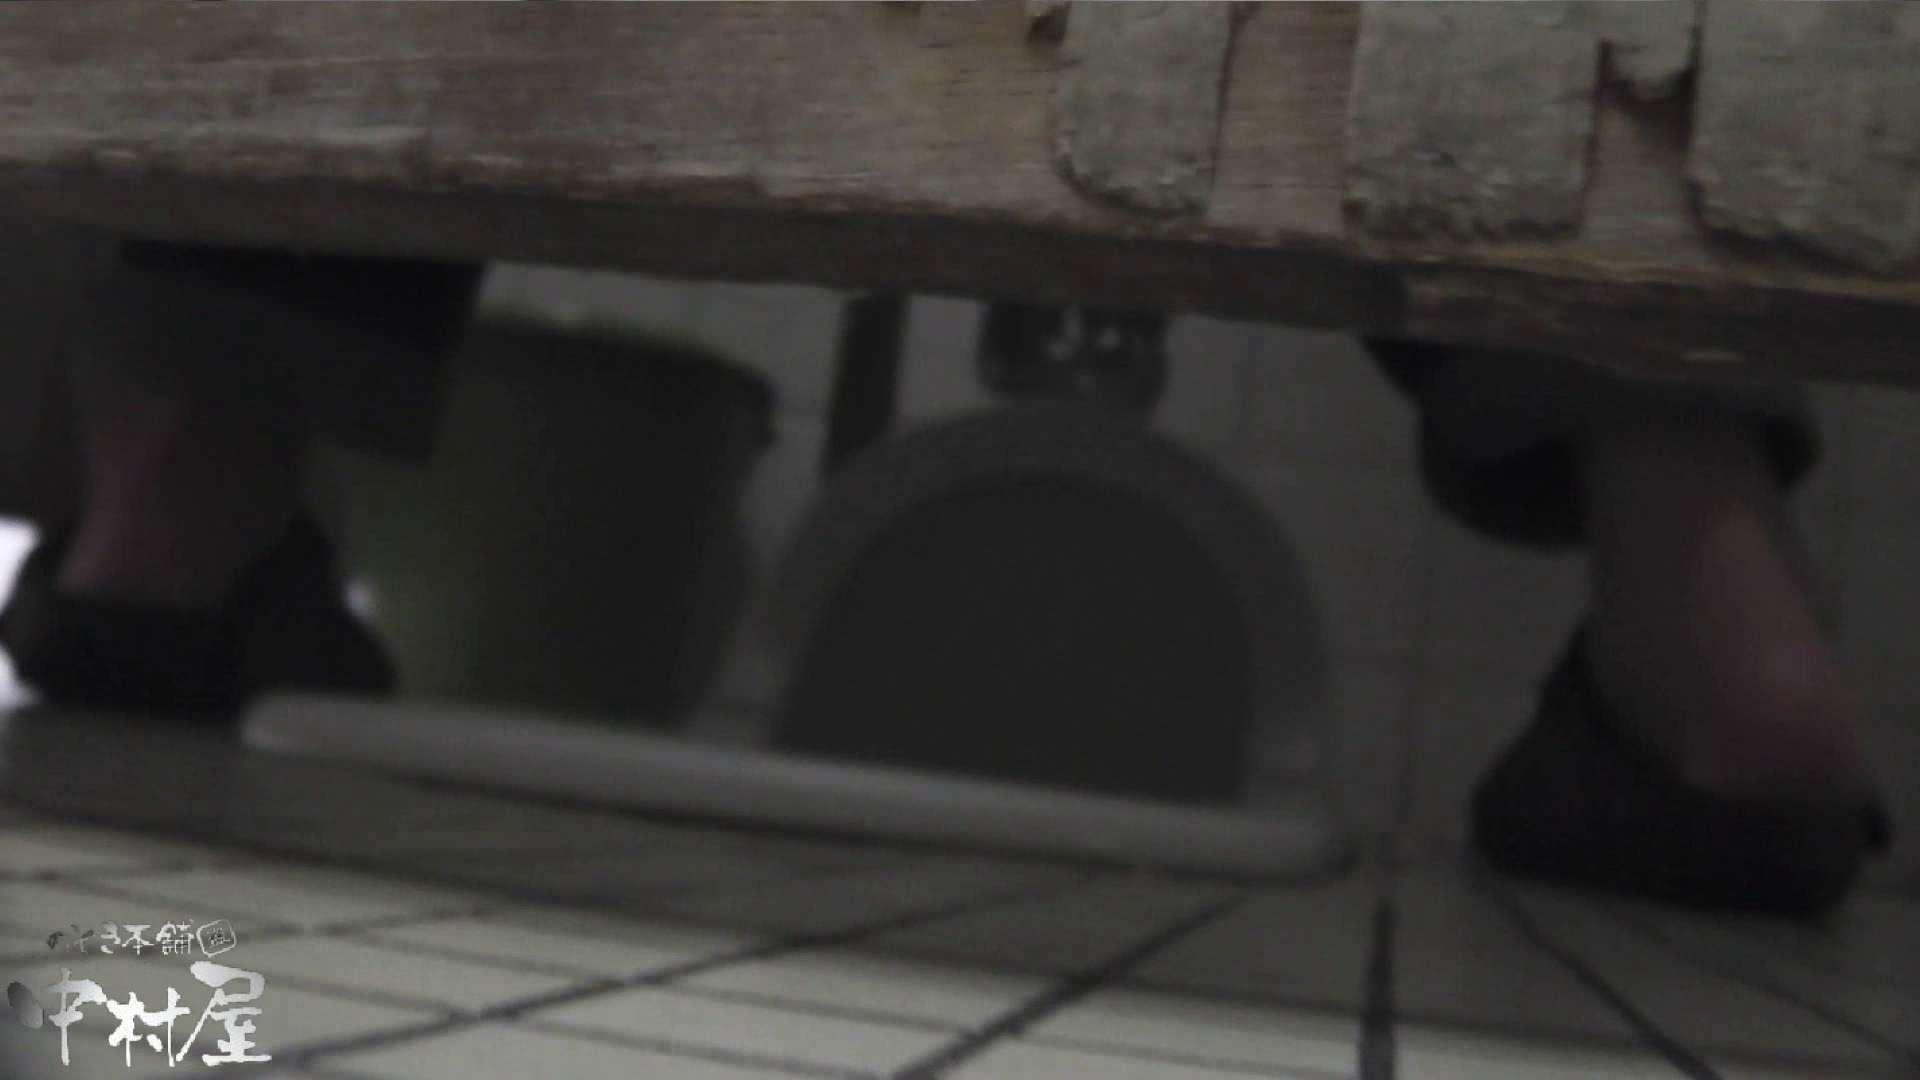 vol.11 命がけ潜伏洗面所! 特盛り(柔らかめ) 洗面所   潜入シリーズ  50pic 44